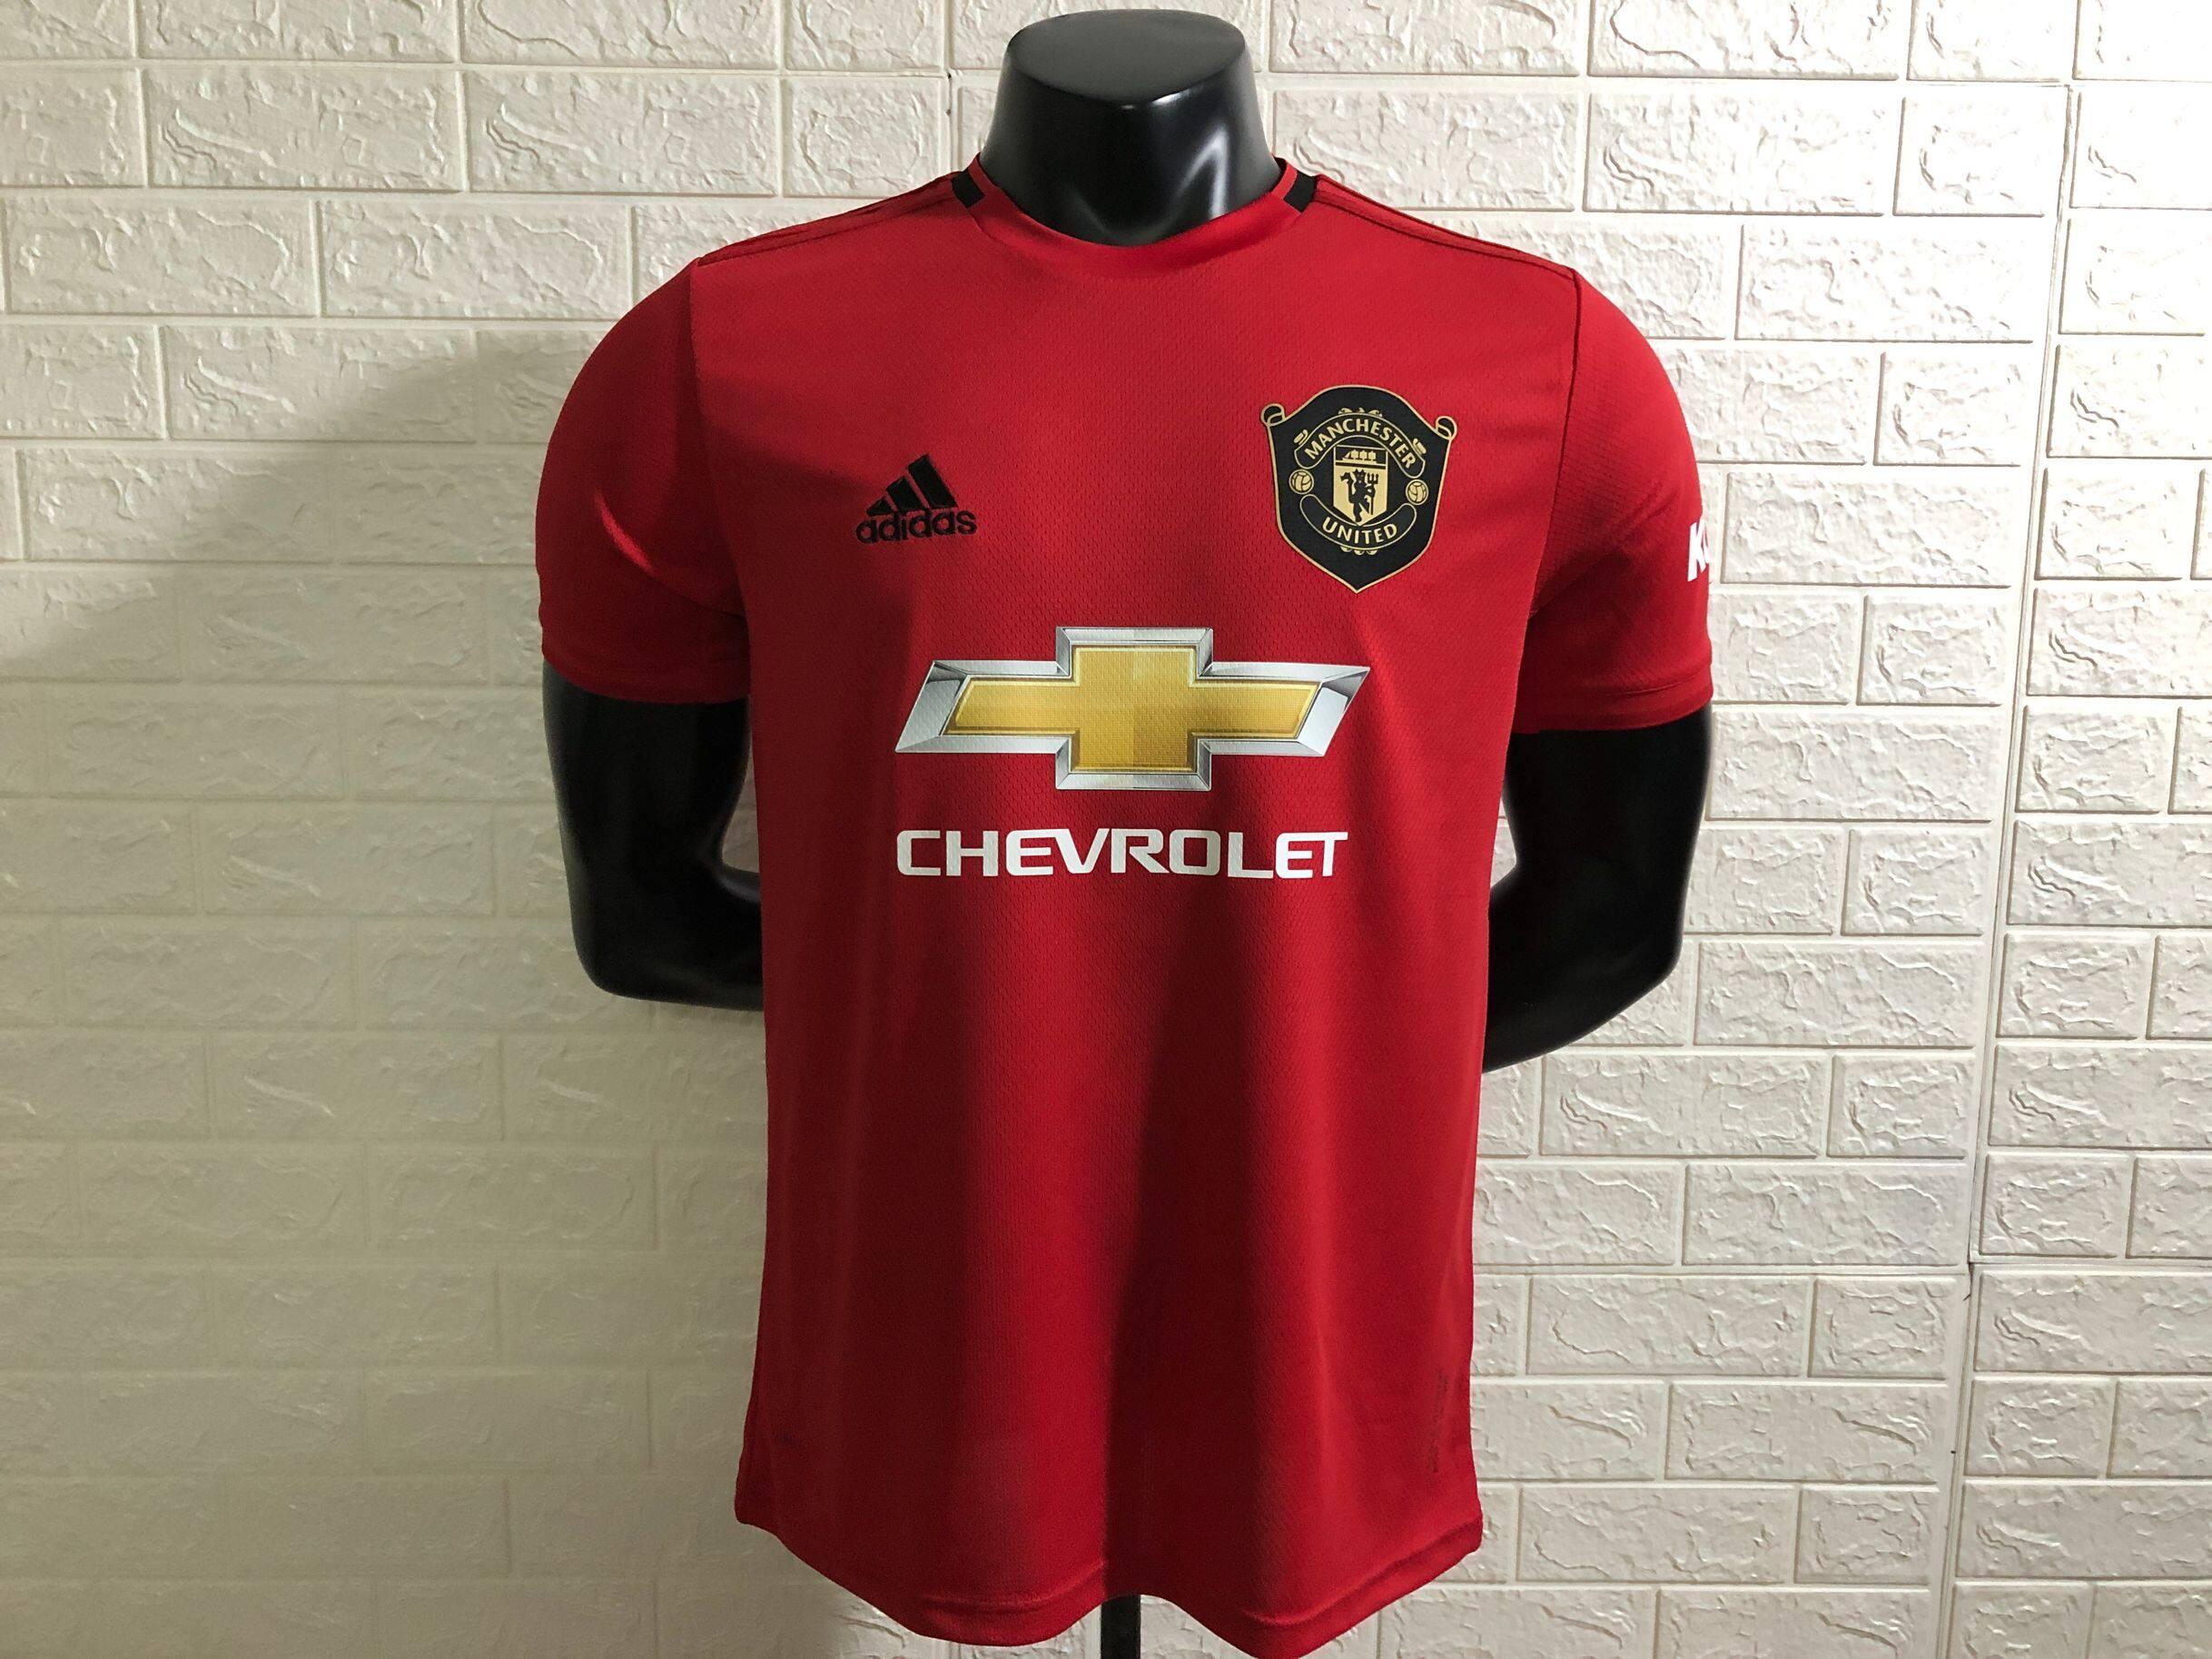 คุณภาพสูง 19/20 and 18/19 Manchester United แมนเชสเตอร์ยูไนเต็ด เสื้อฟุตบอล เกรด เสื้อฟุตบอล เกรด AAA